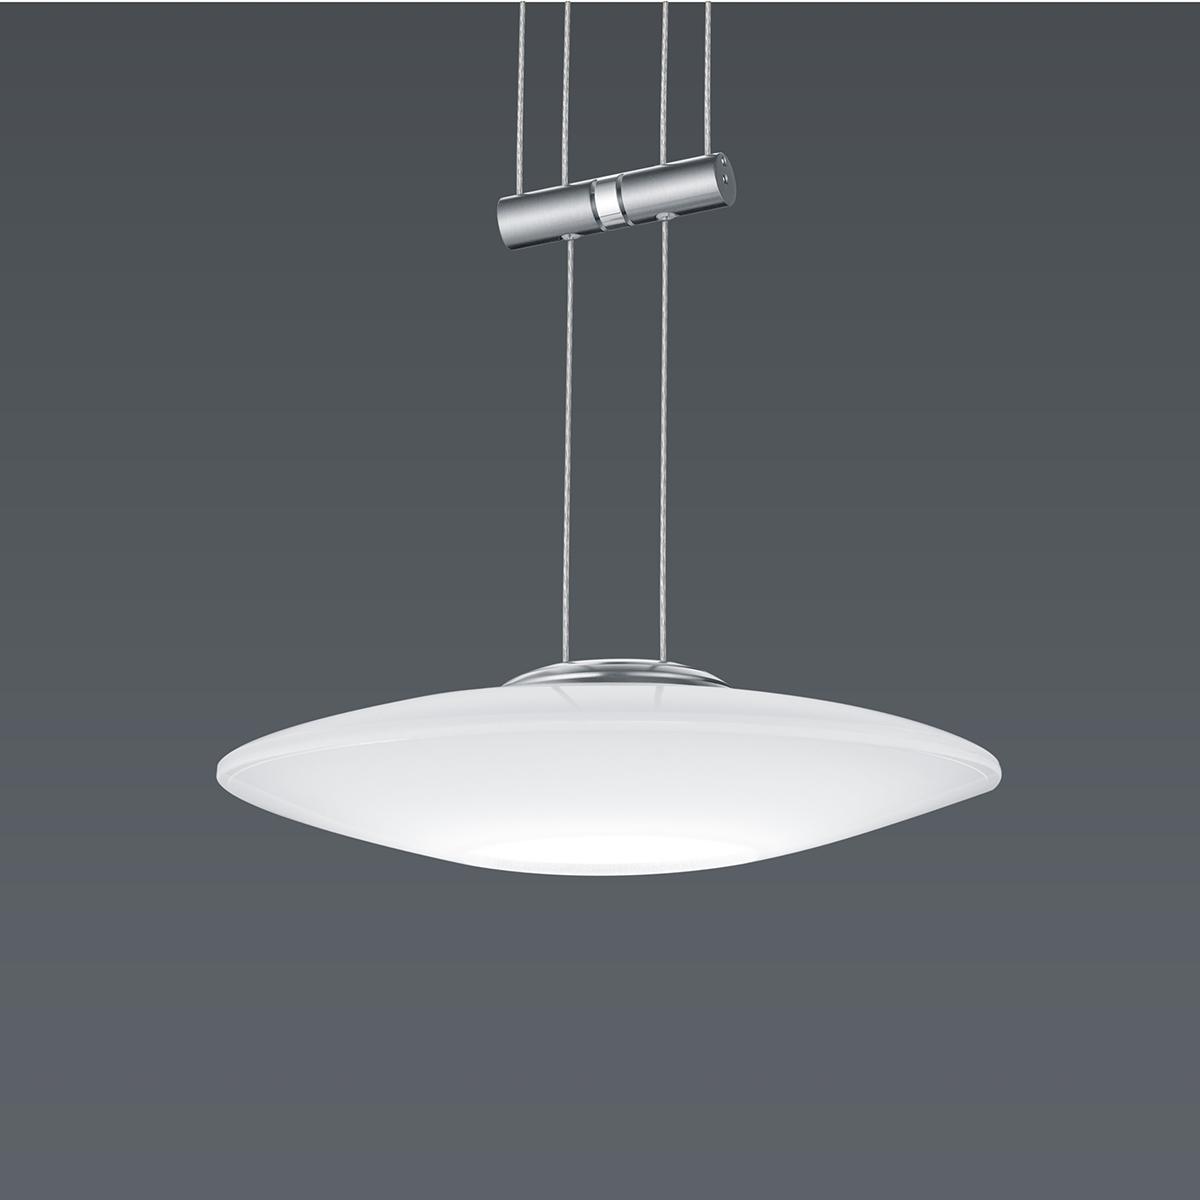 Hängeleuchten von BANKAMP Leuchtenmanufaktur LED-Pendelleuchte Orbit zur Strada 2147/1-92